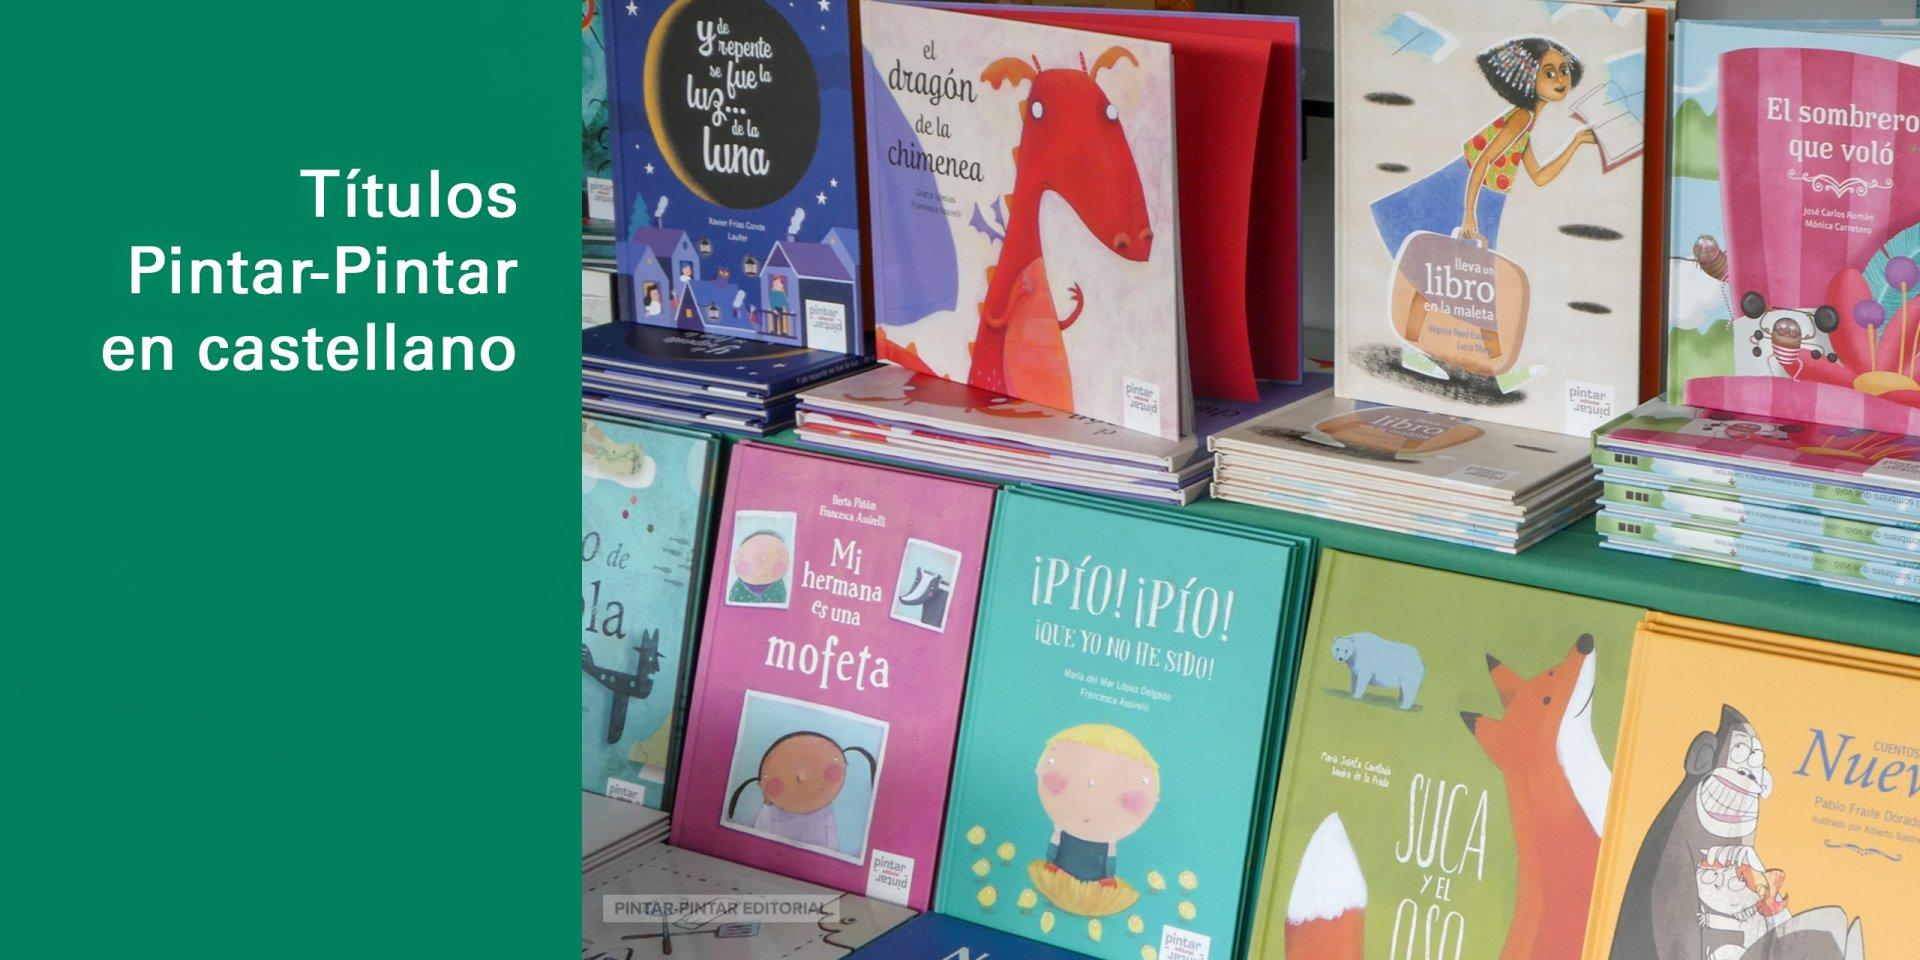 libros-en-castellano2.jpg